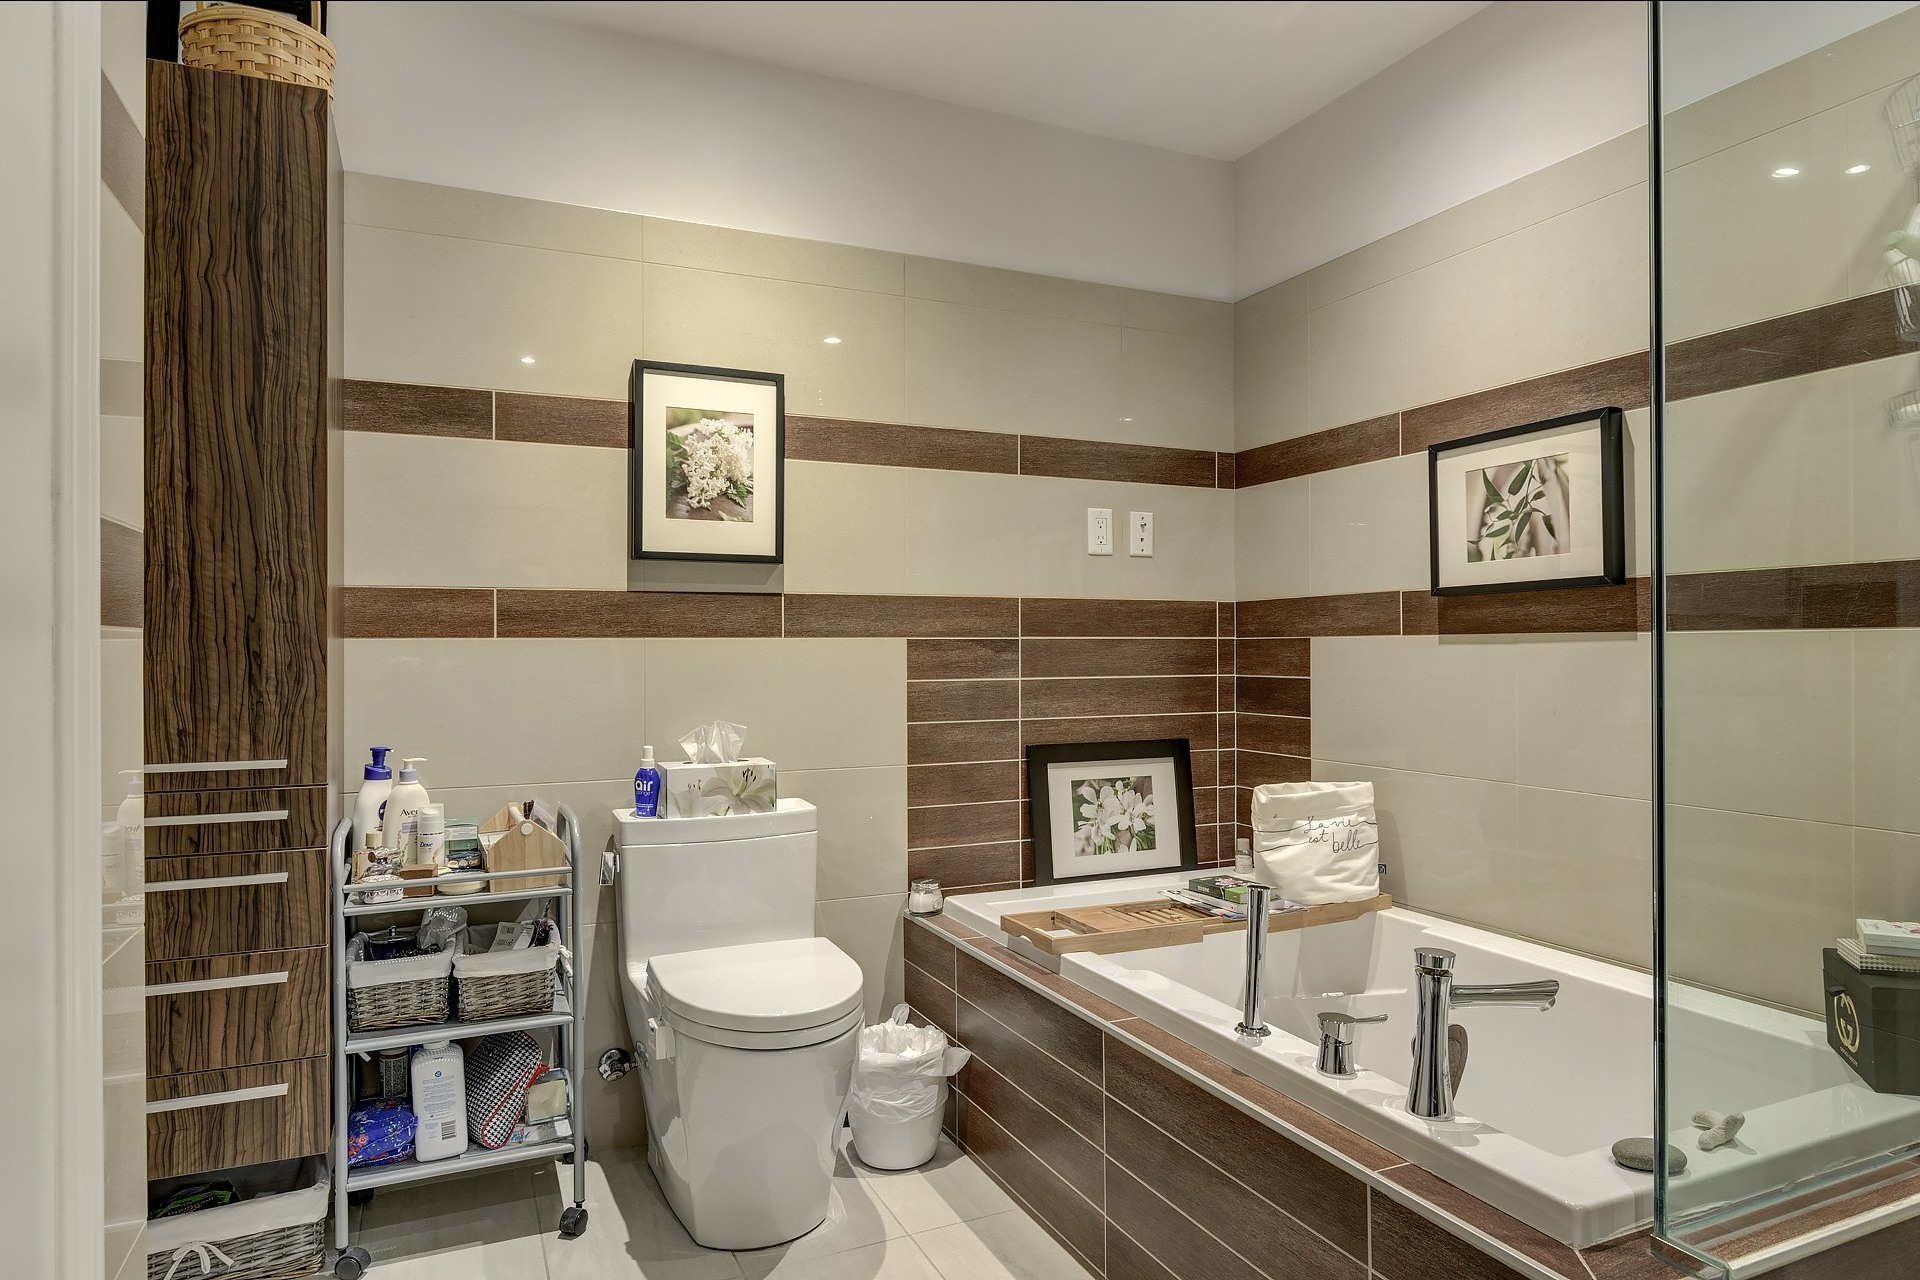 image 19 - Appartement À vendre Côte-des-Neiges/Notre-Dame-de-Grâce Montréal  - 5 pièces